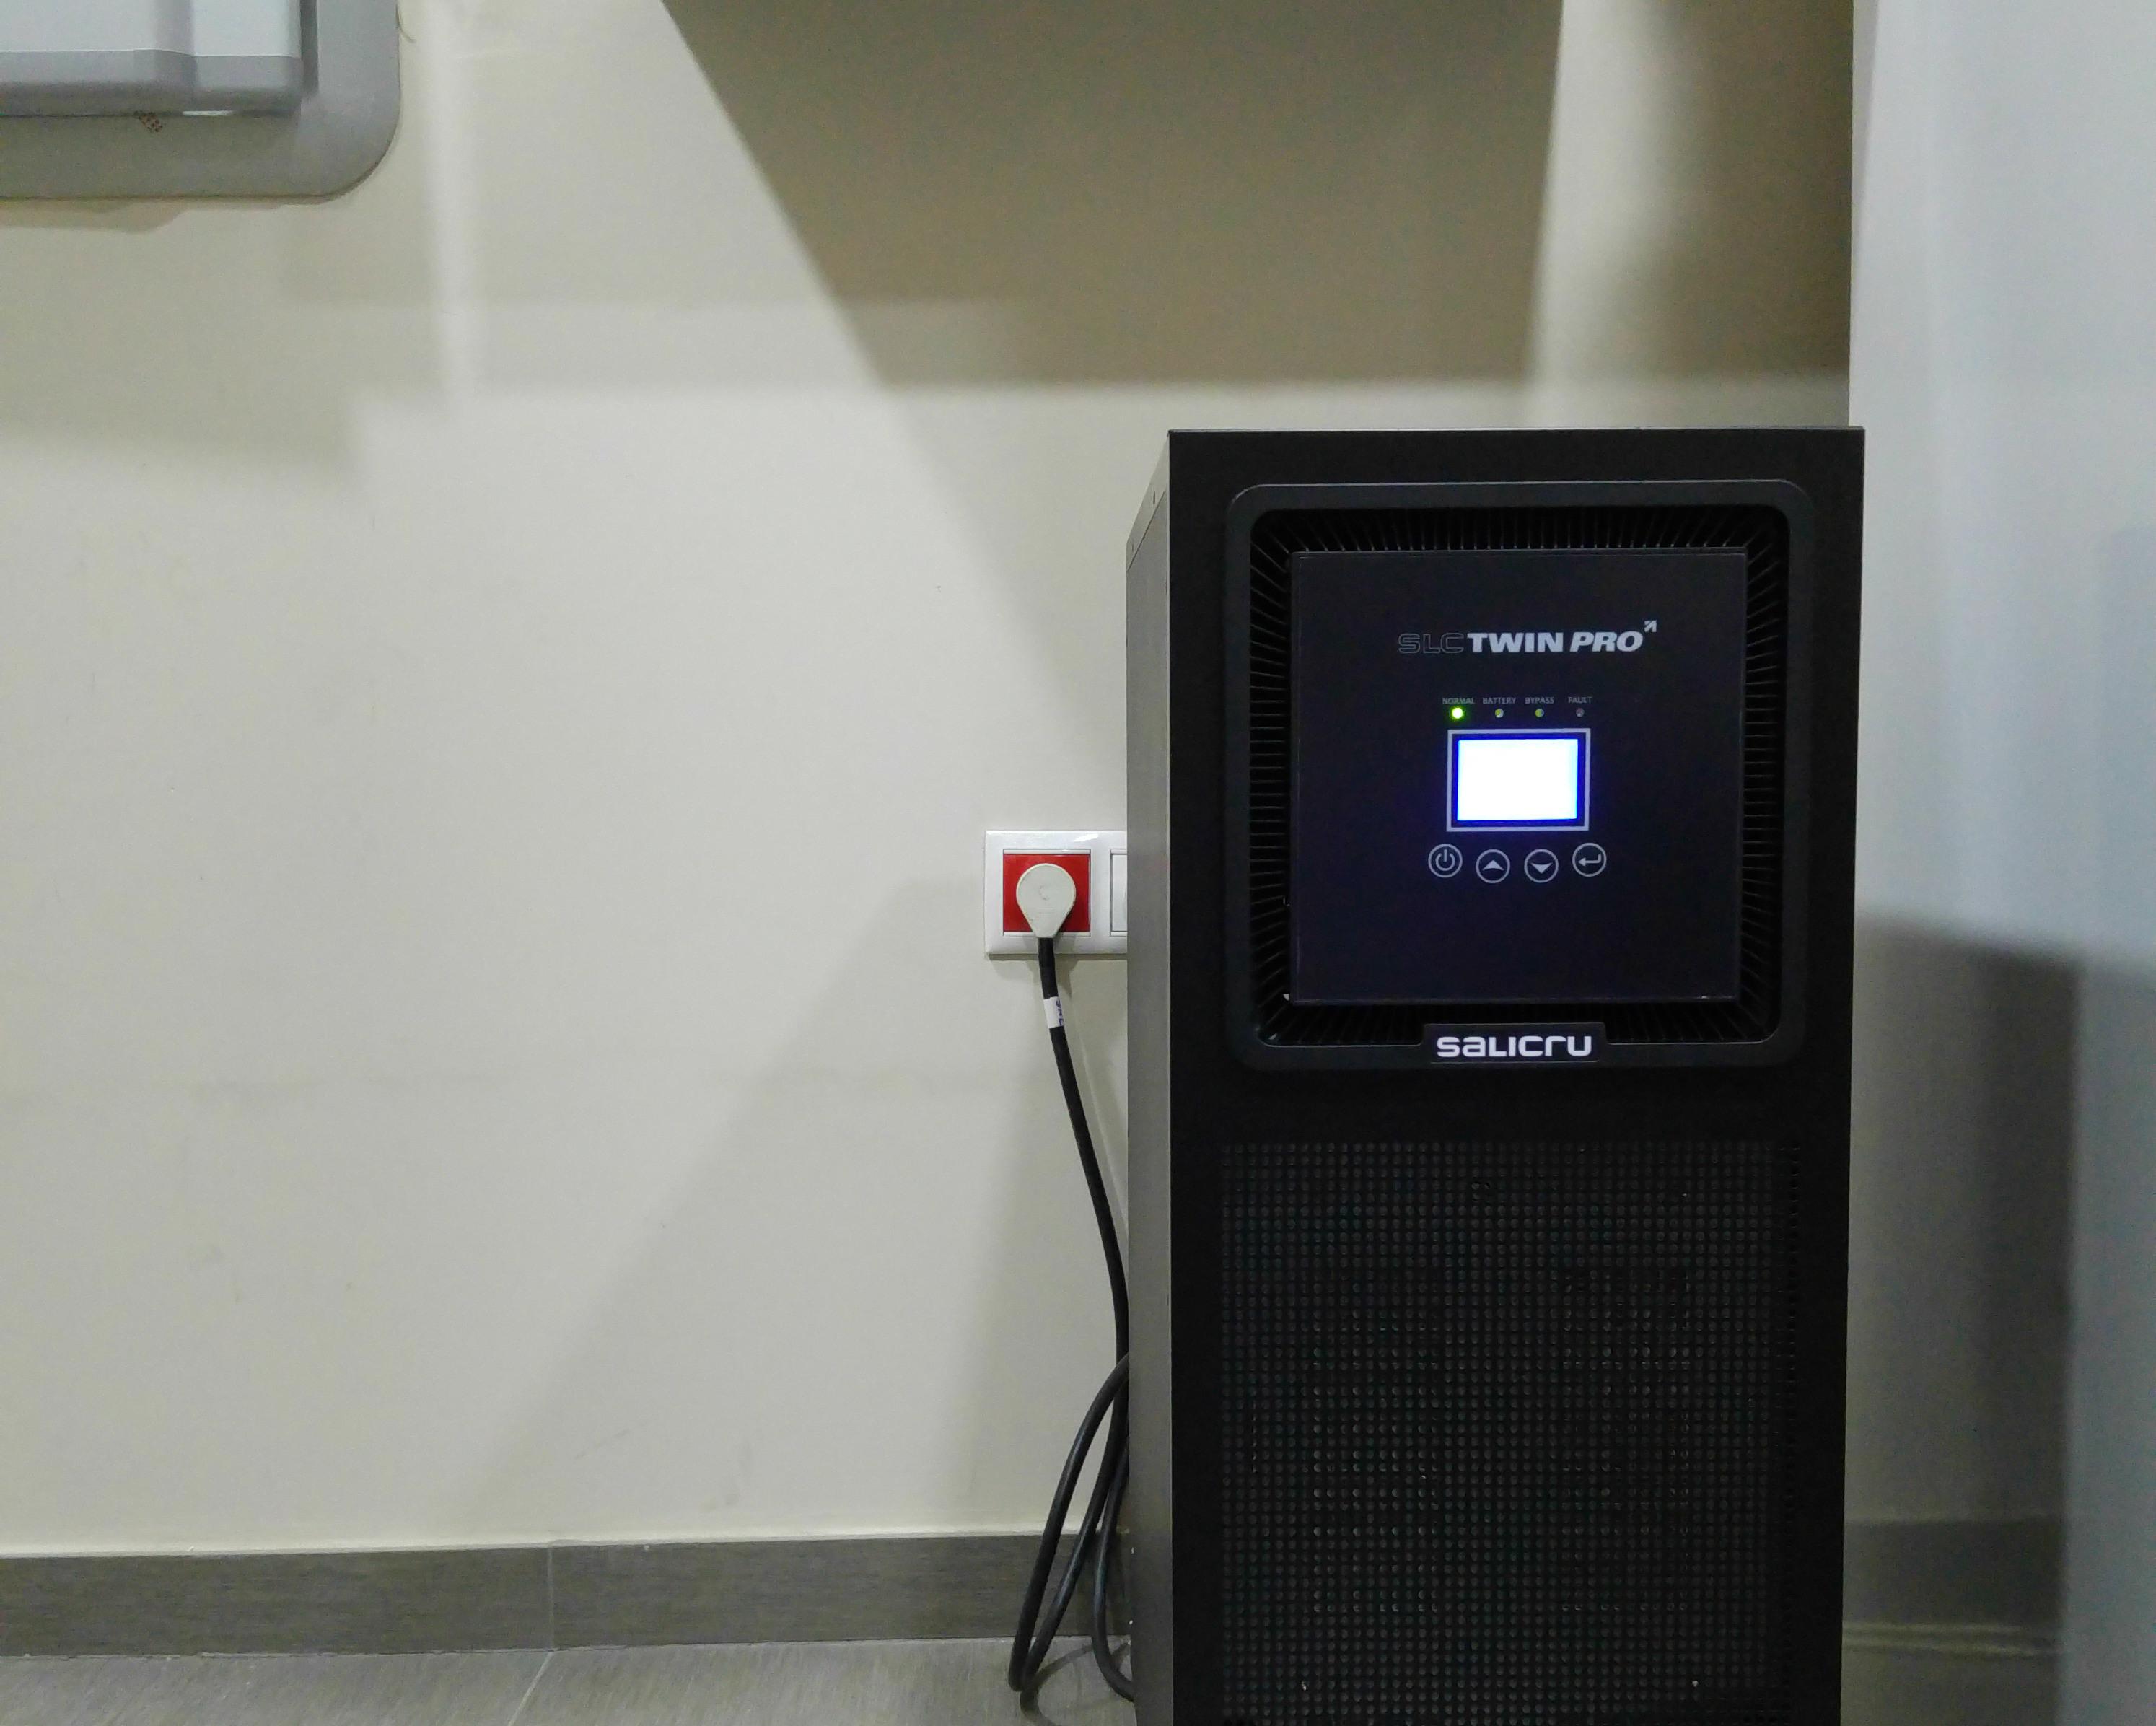 Sistema de alimentación ininterrumpida (SAI): seguridad de suministro eléctrico y protección de equipos